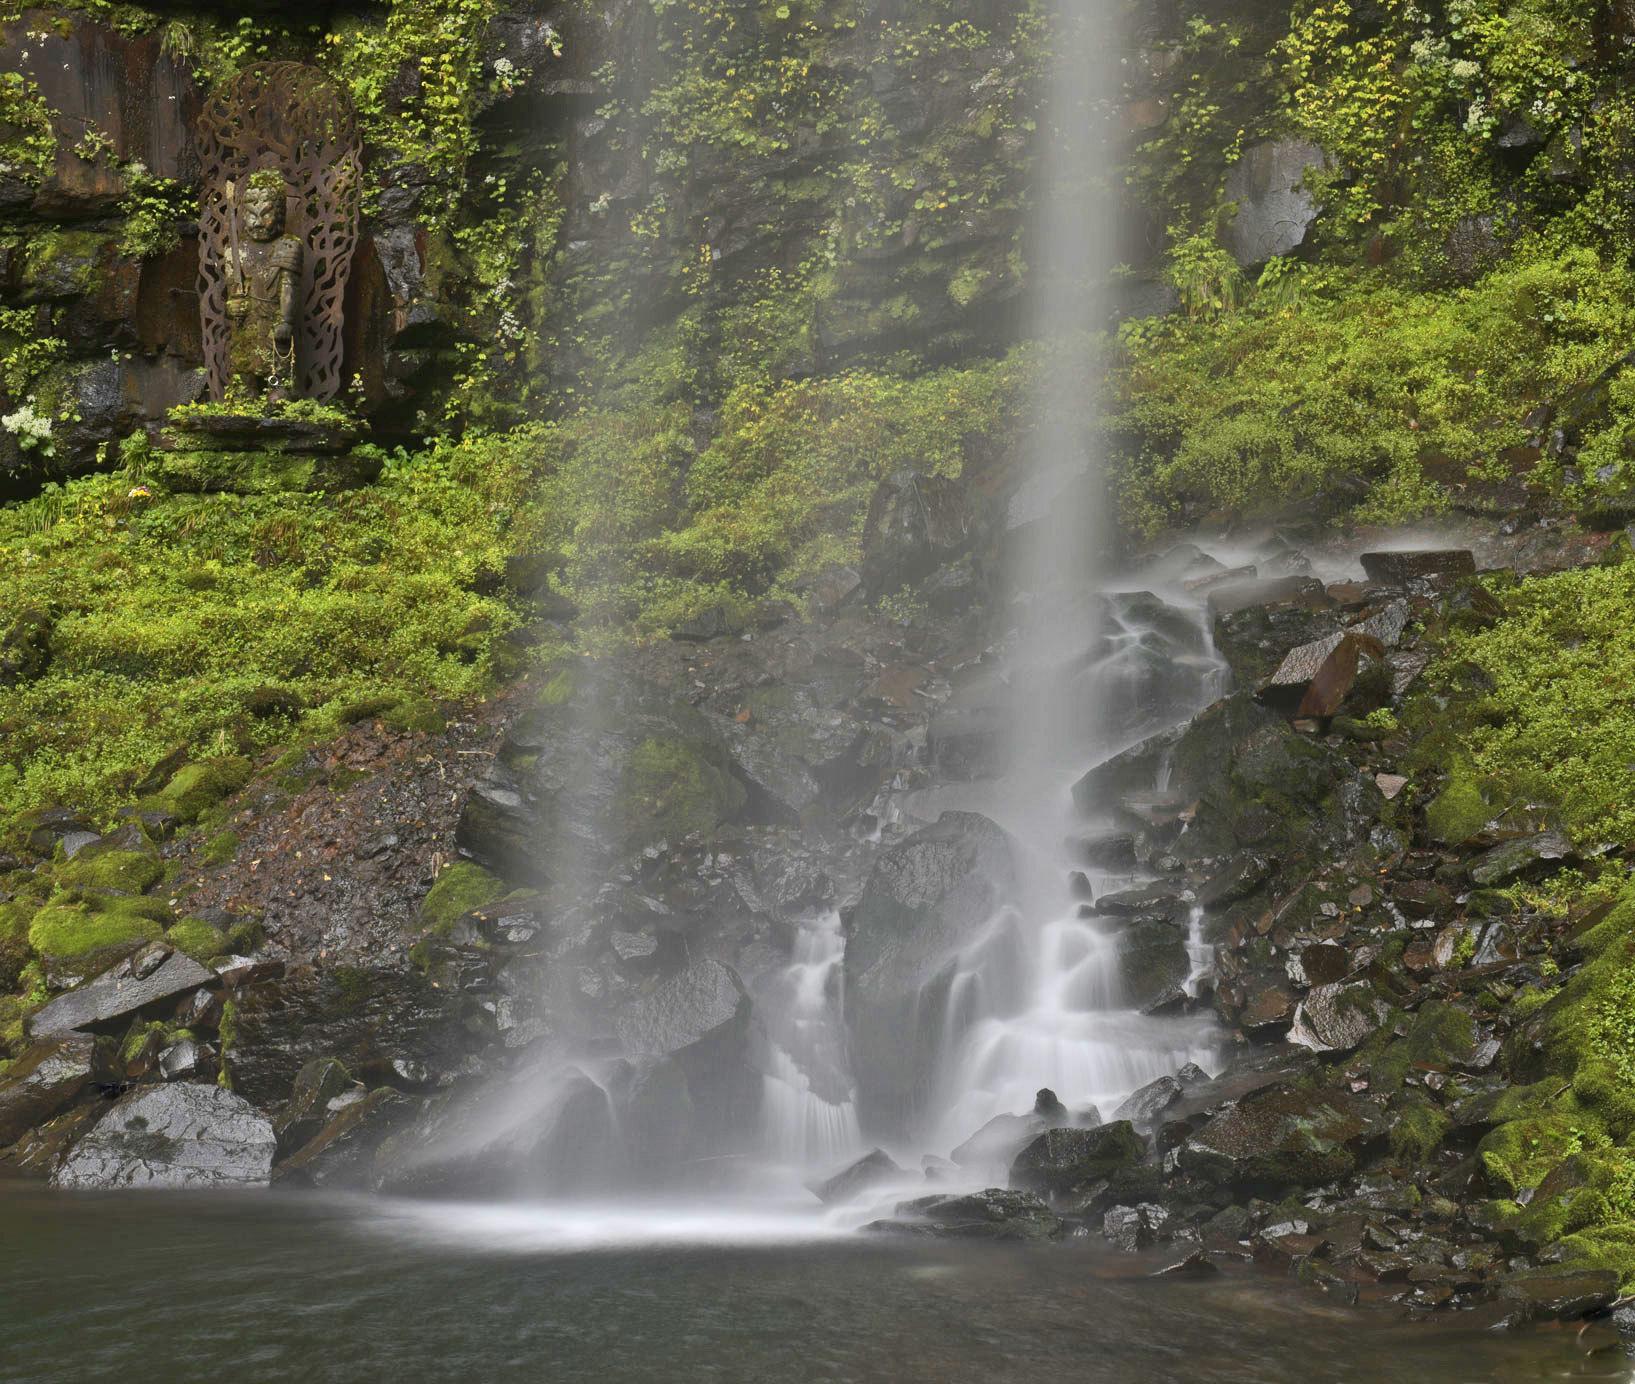 コキア & 阿弥陀ノ滝 in 蛭ヶ野_c0232370_23324491.jpg